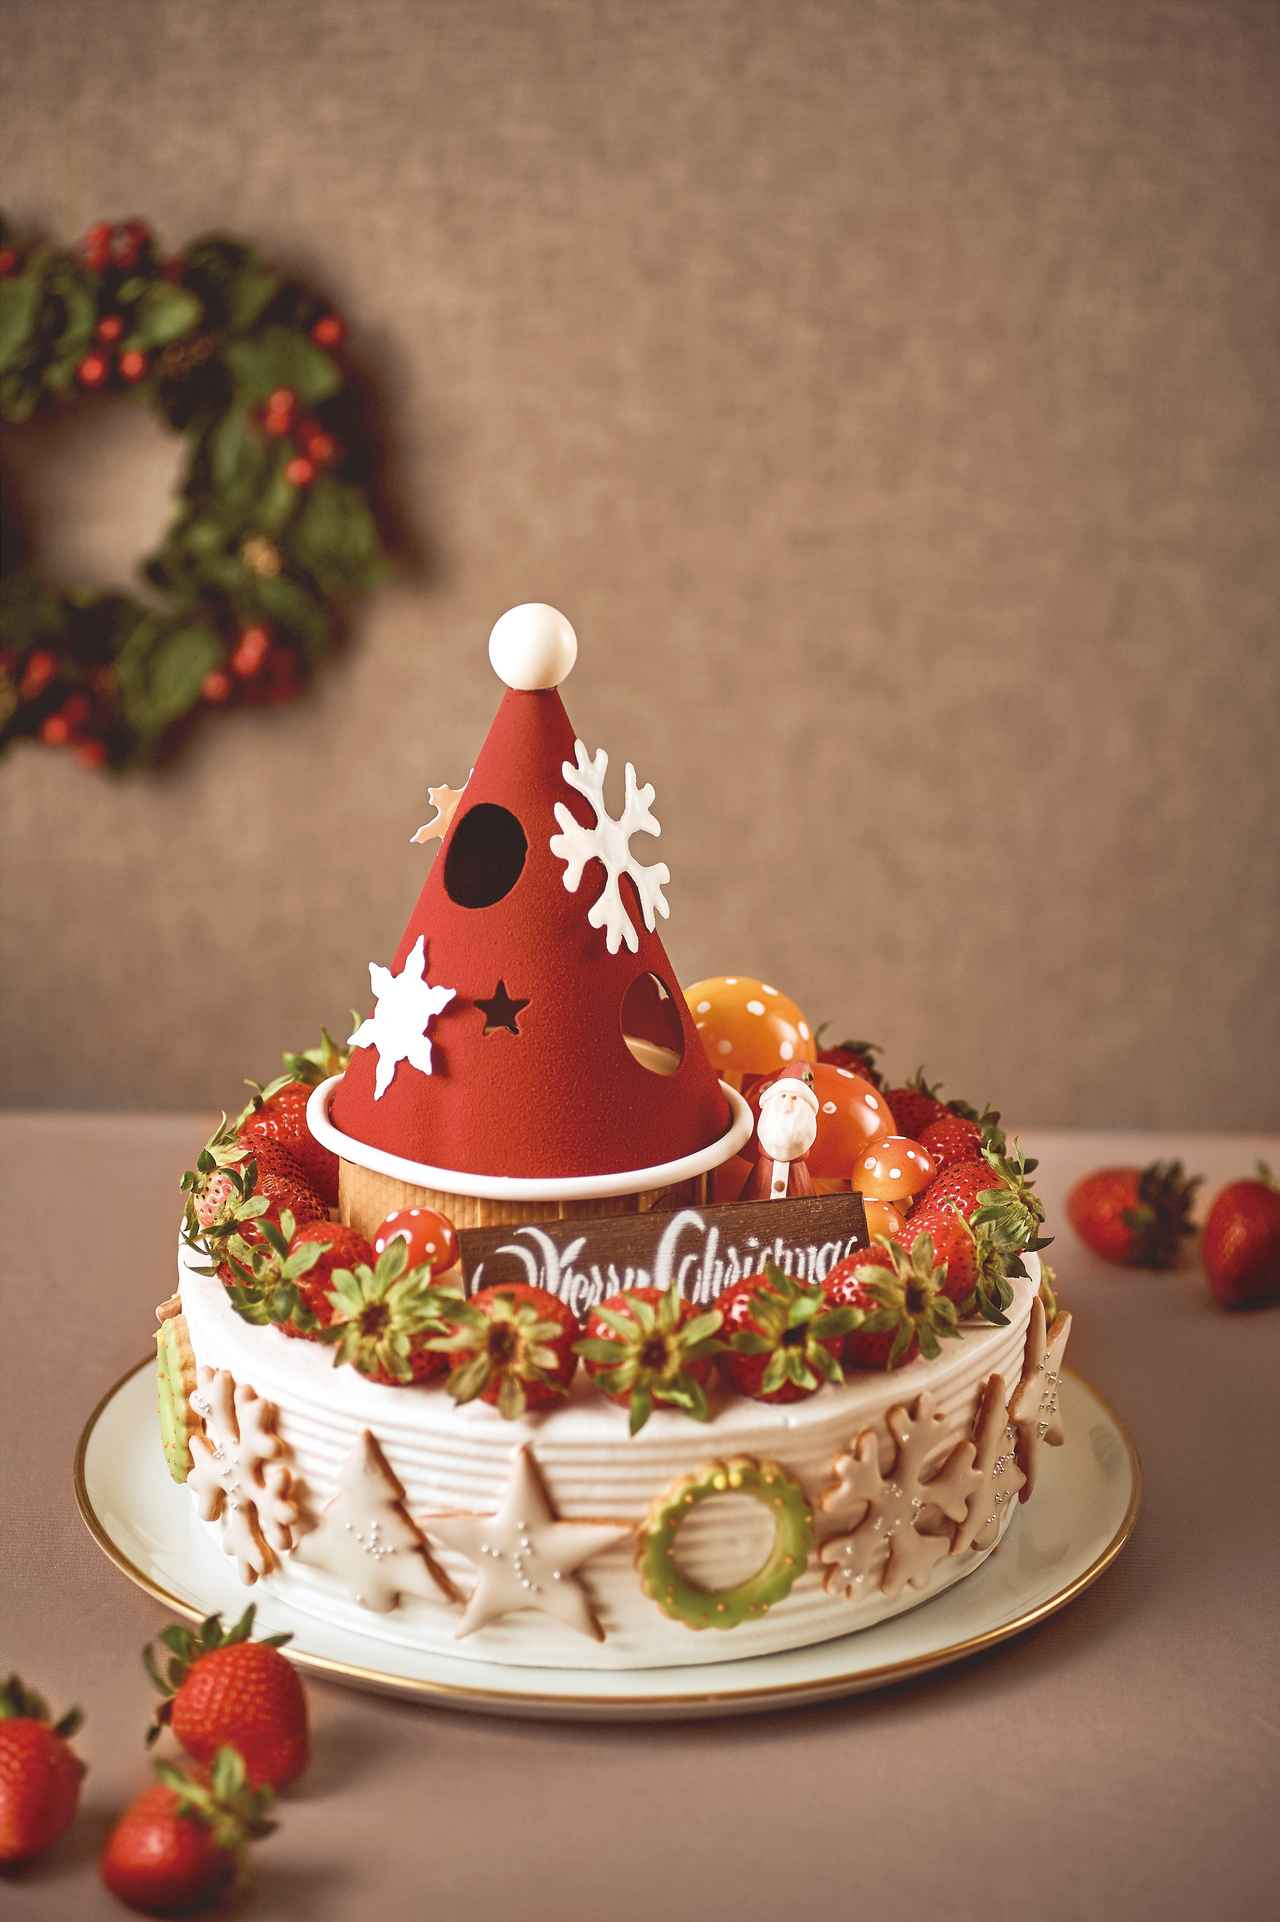 画像1: クリスマスケーキ ※要予約